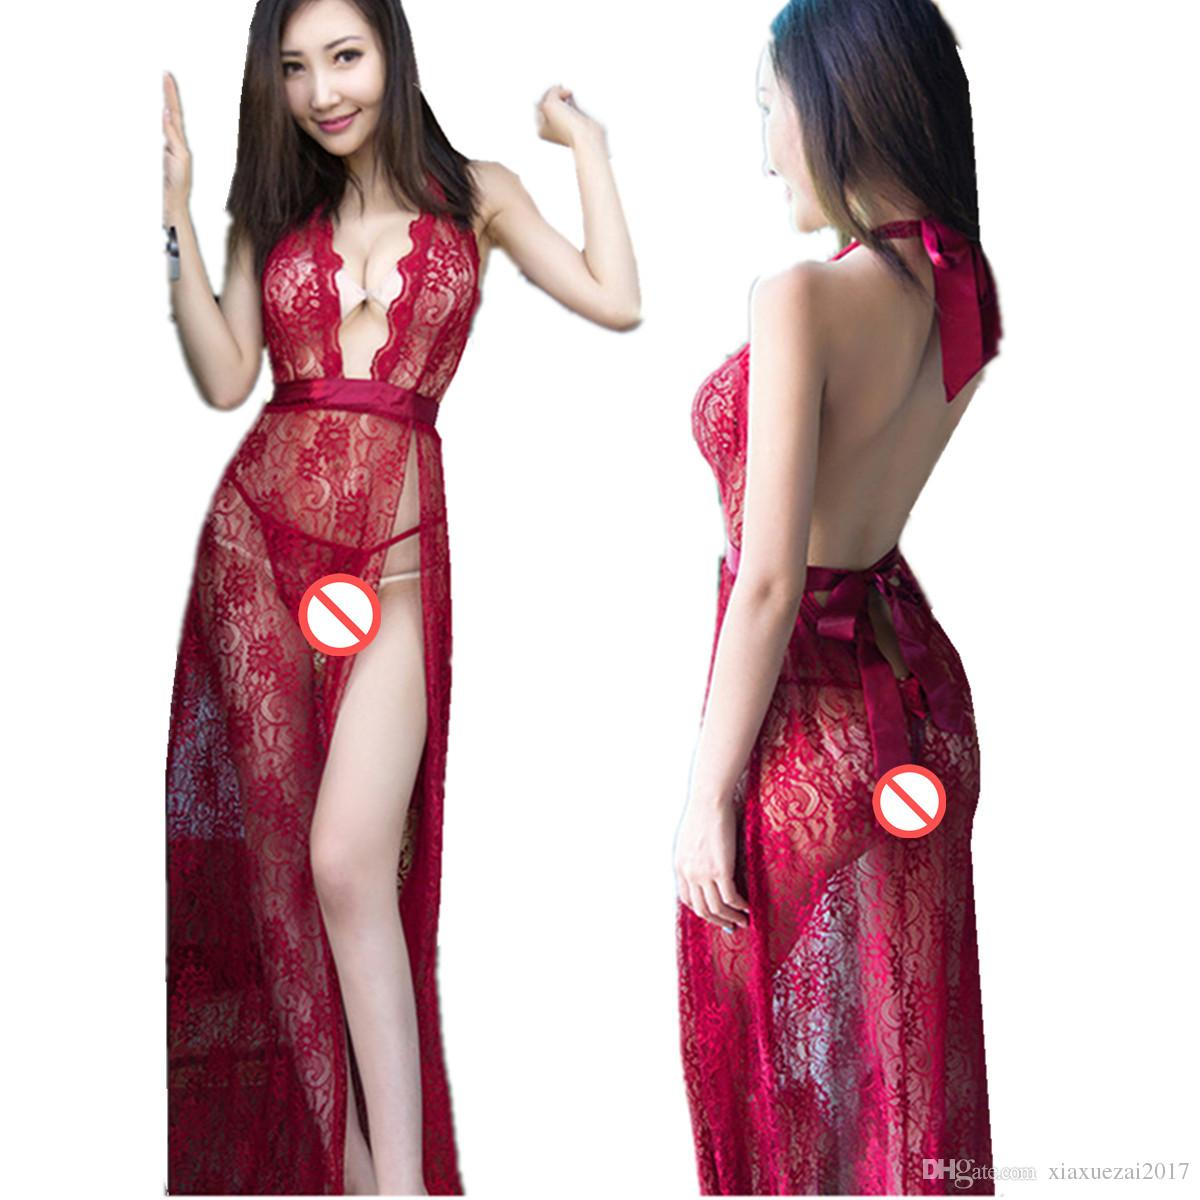 7a34be44f0 Lencería sexy porno de encaje vestidos sexy dividir cintura alta vestido de  mujer abra sujetador abrir la entrepierna ropa interior erótica ver a  través de ...